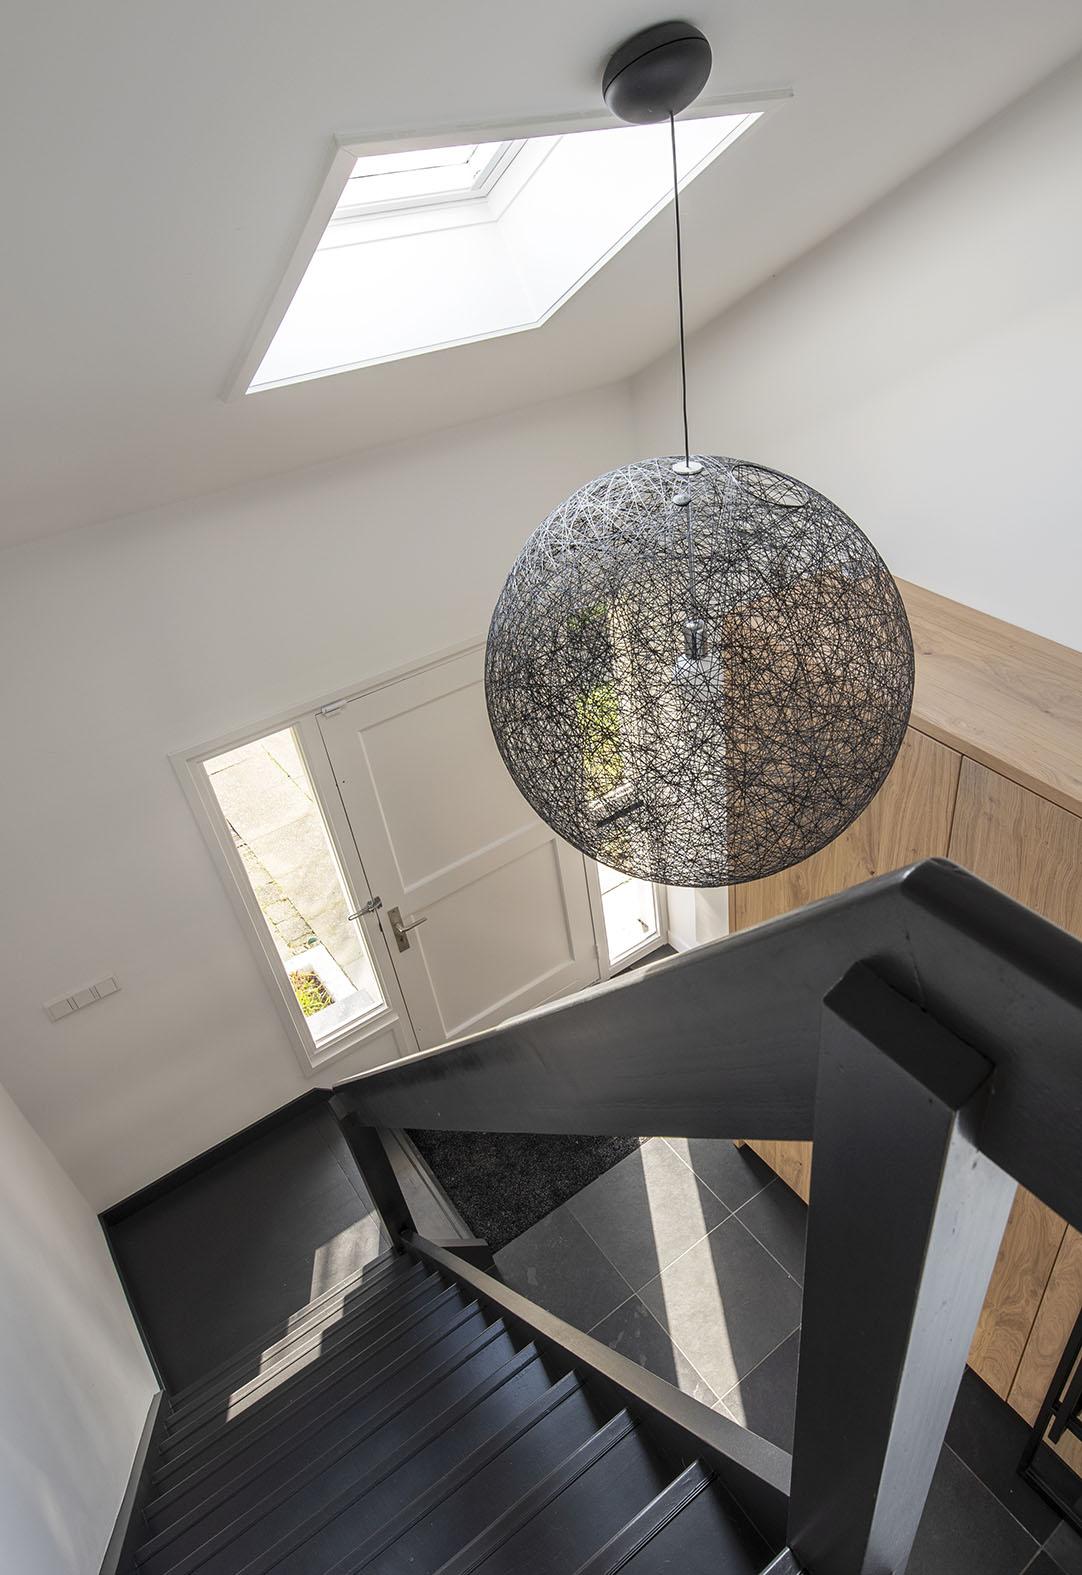 hal inspiratie interieuradvies Den Bosch Interieurontwerp Drunen welke kleur trap